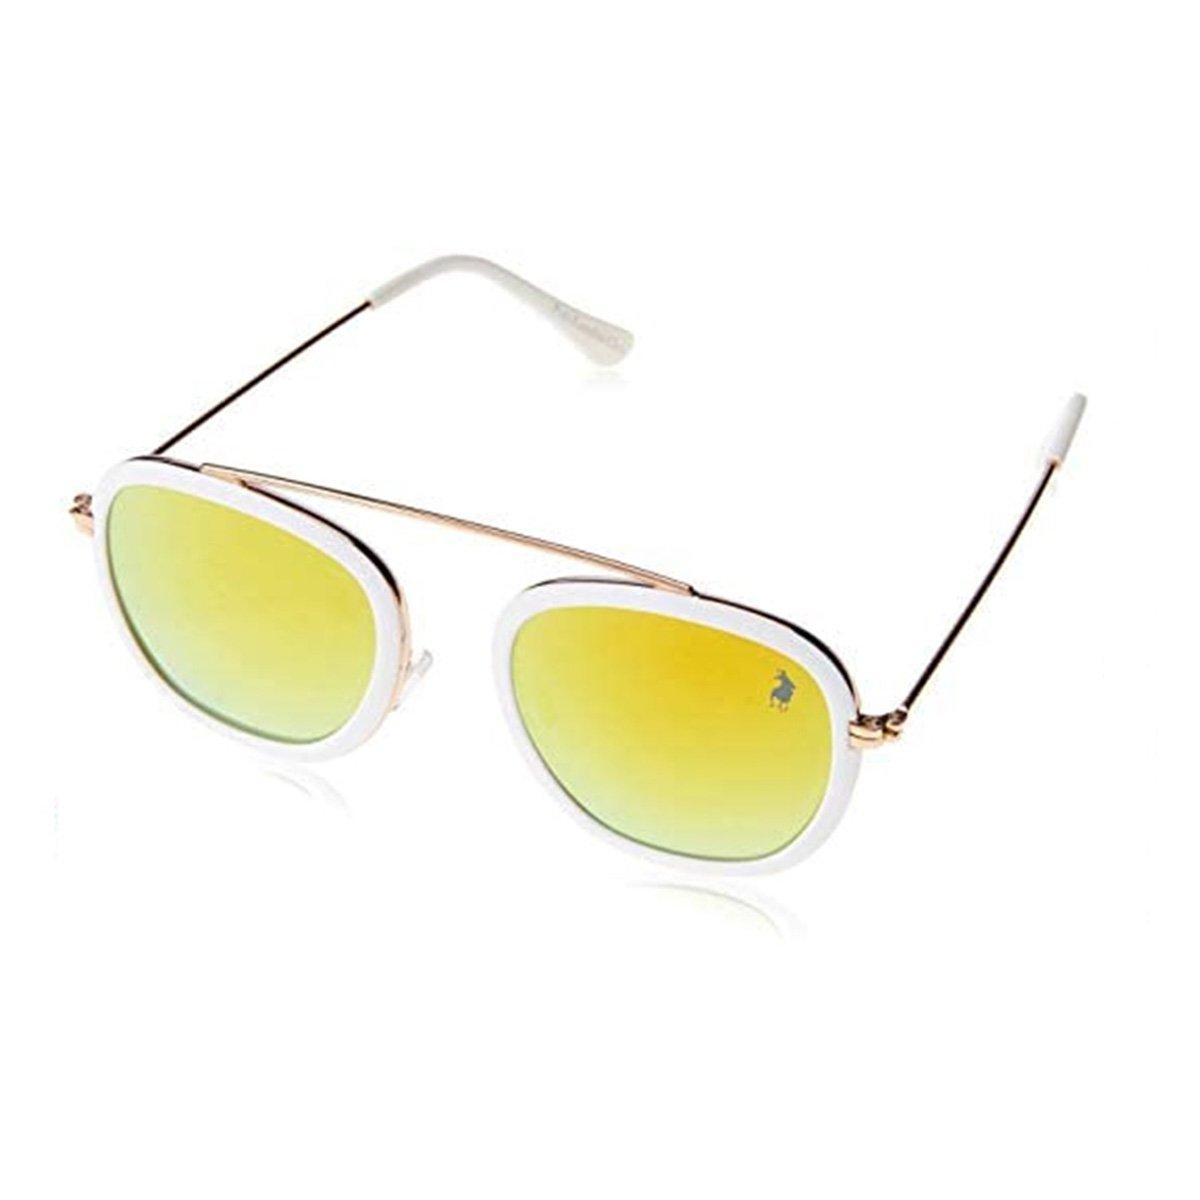 Óculos de Sol Polo London Club 001 Feminino